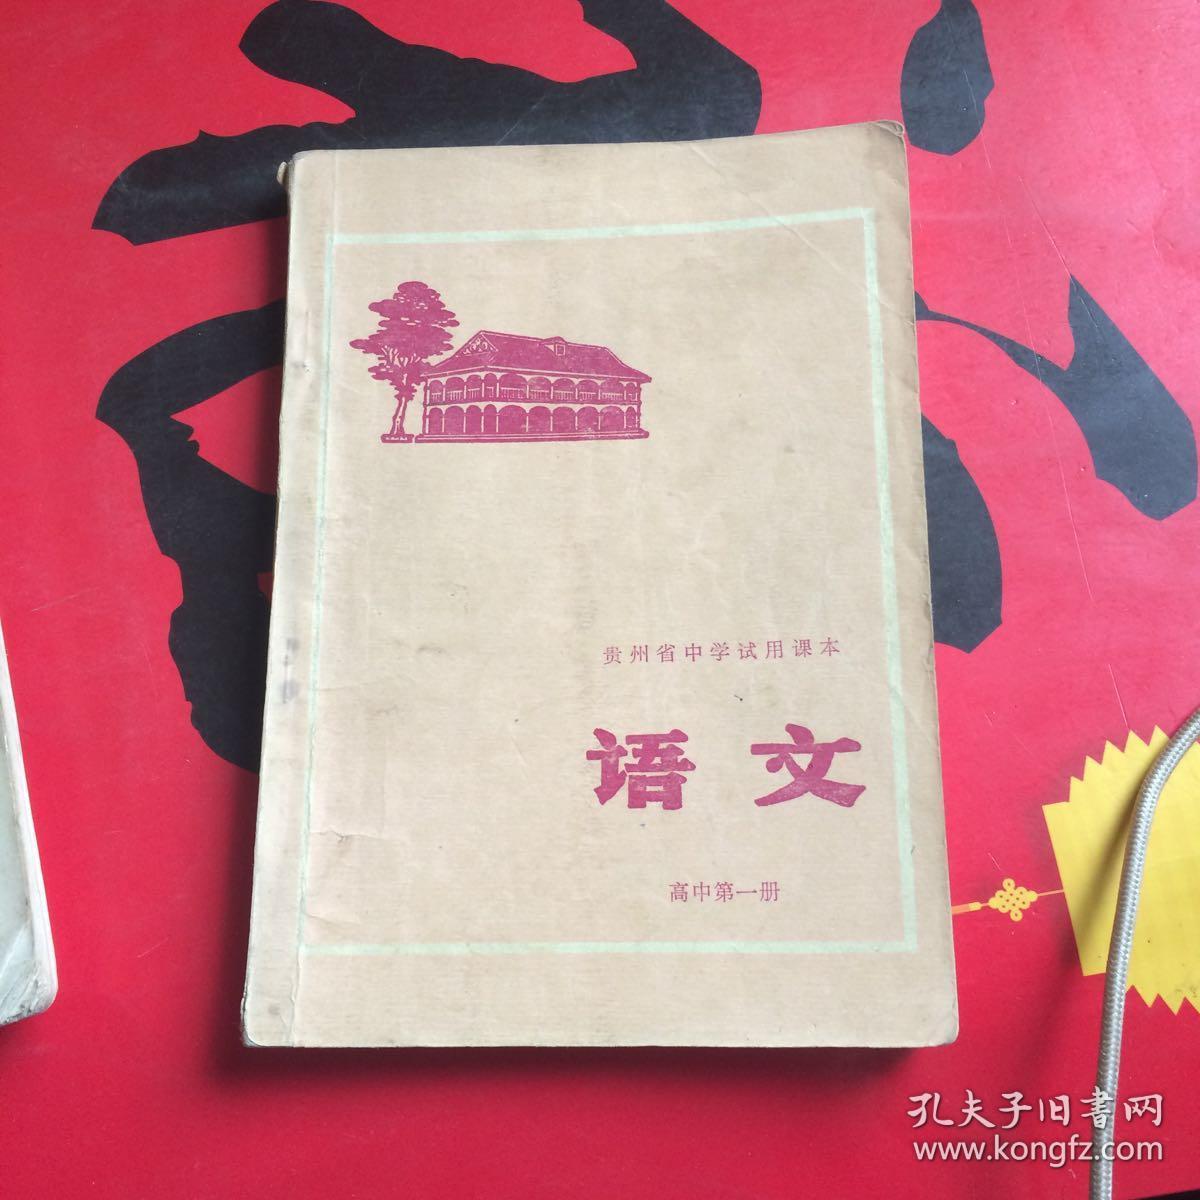 贵州省中学试用课本 语文 高中第一册